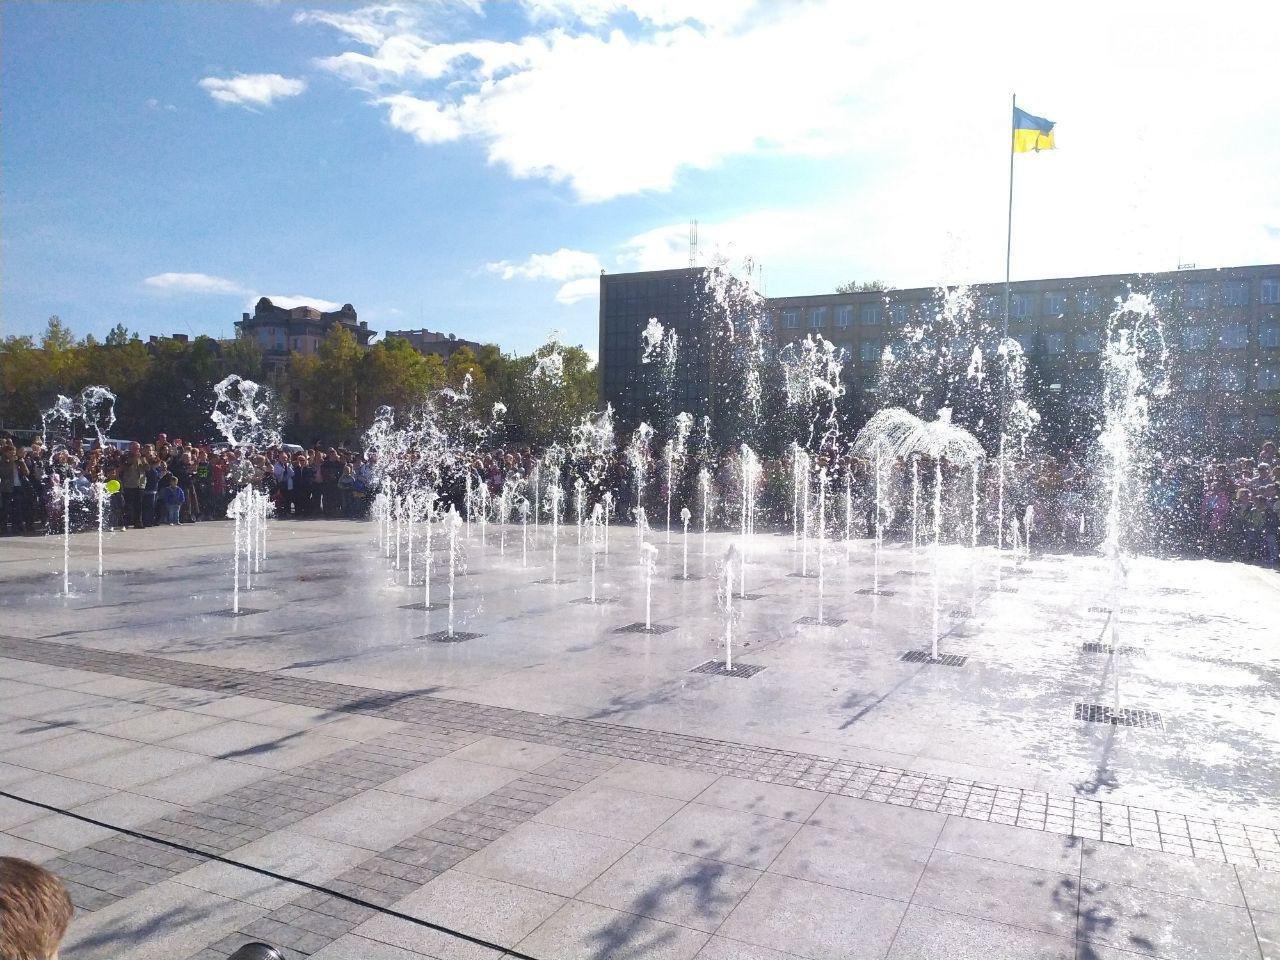 Фонтаны на Соборной площади Николаева запустят в начале лета , - ФОТО, фото-1